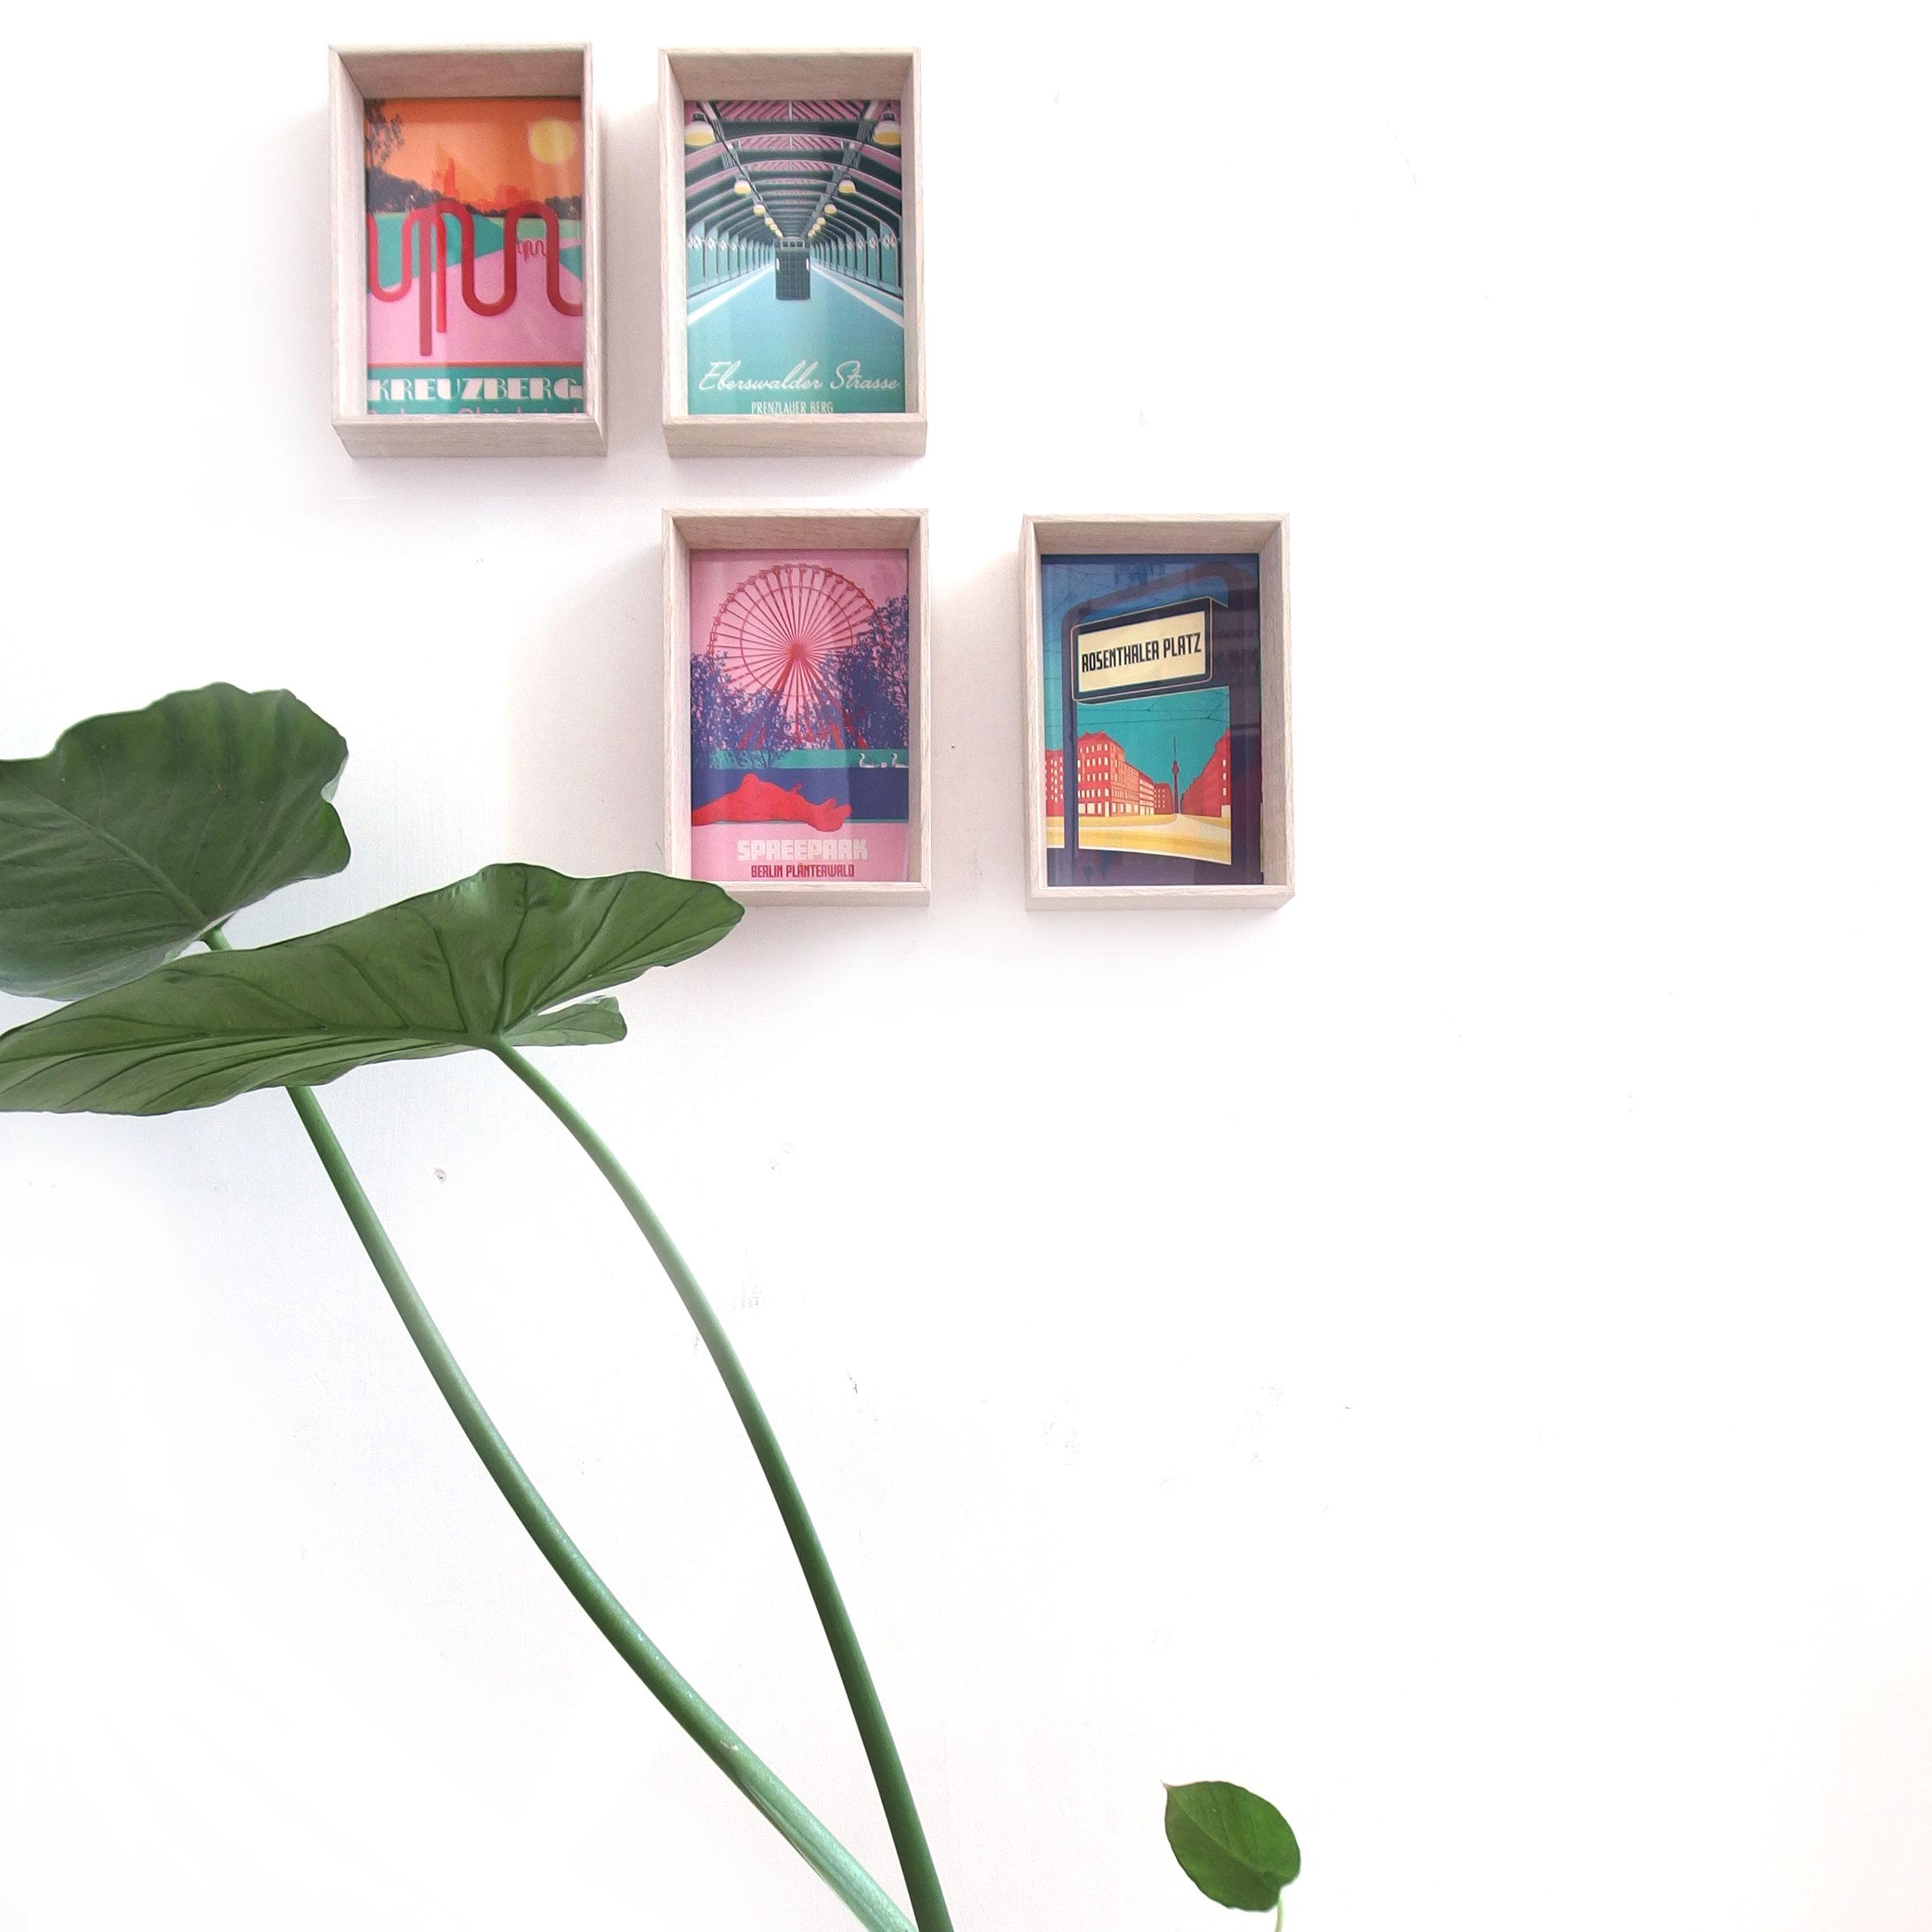 Deko mit Postkarten im Rahmen